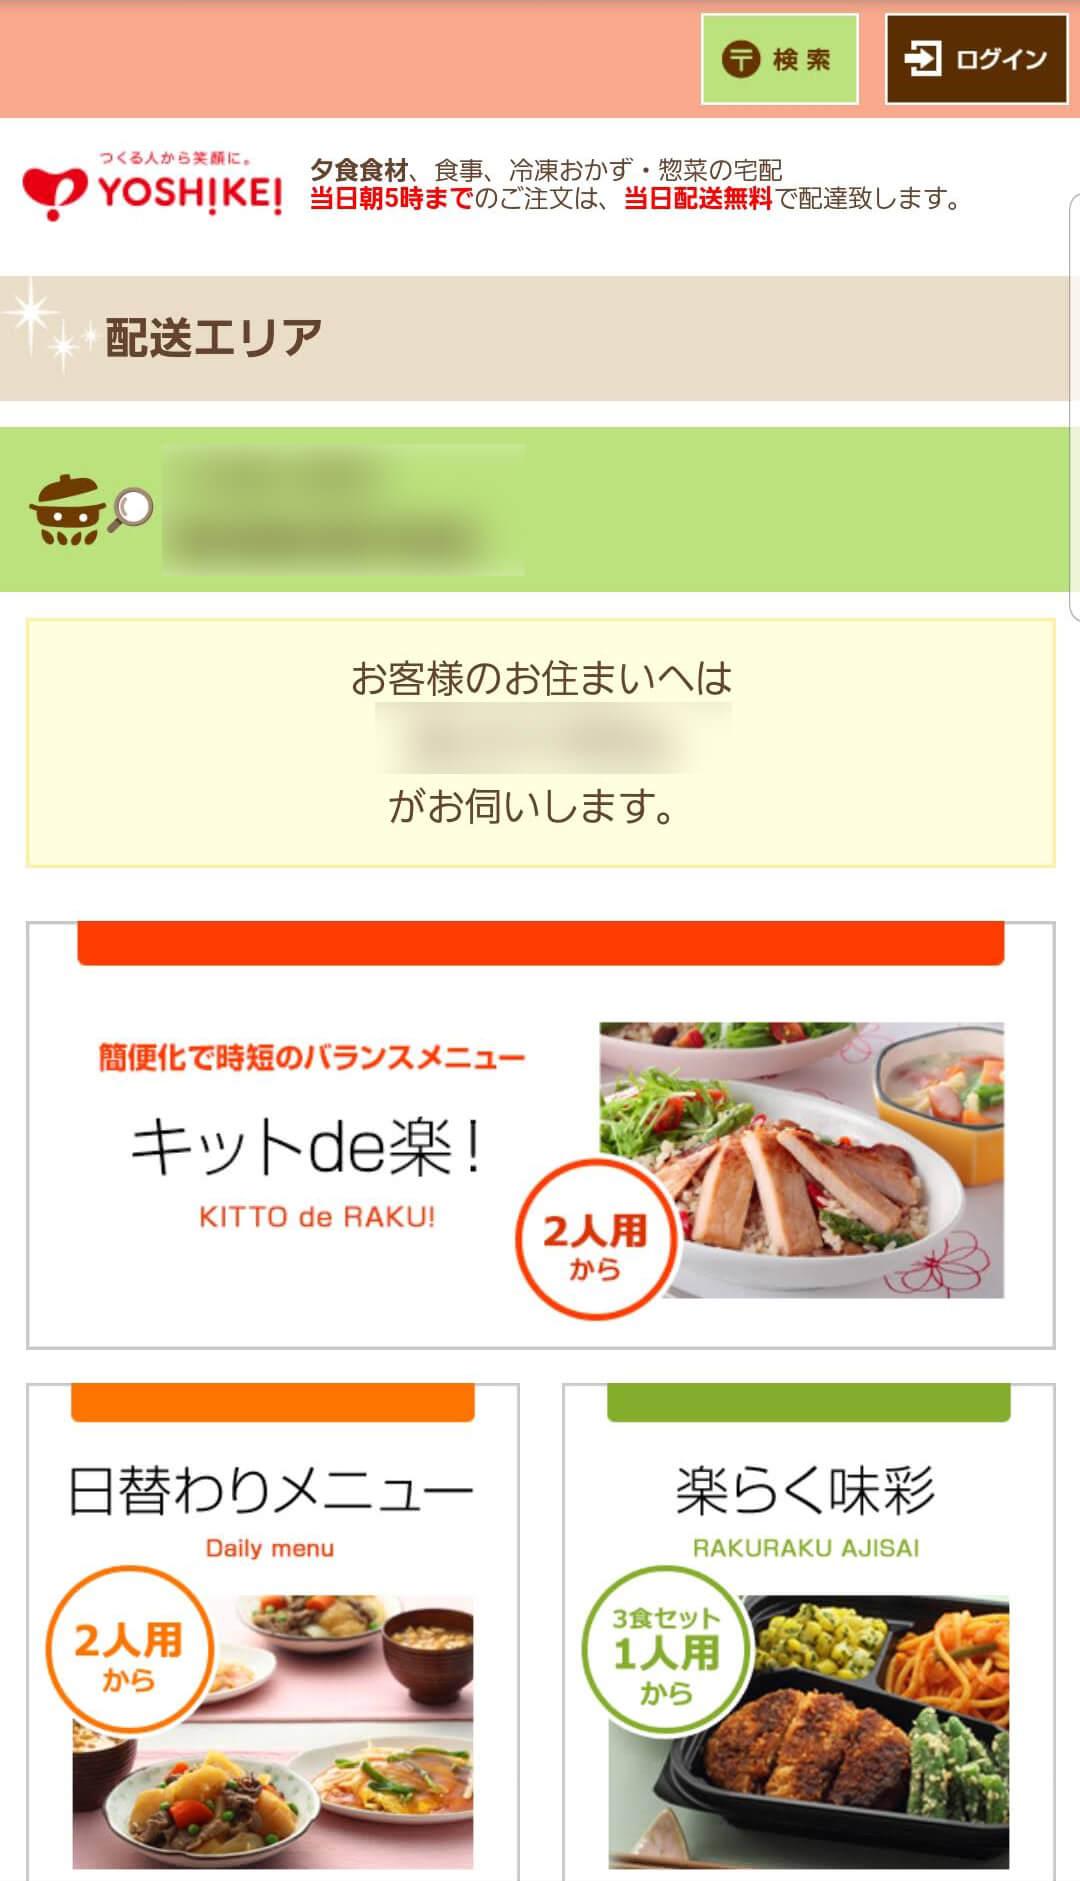 ヨシケイの注文方法